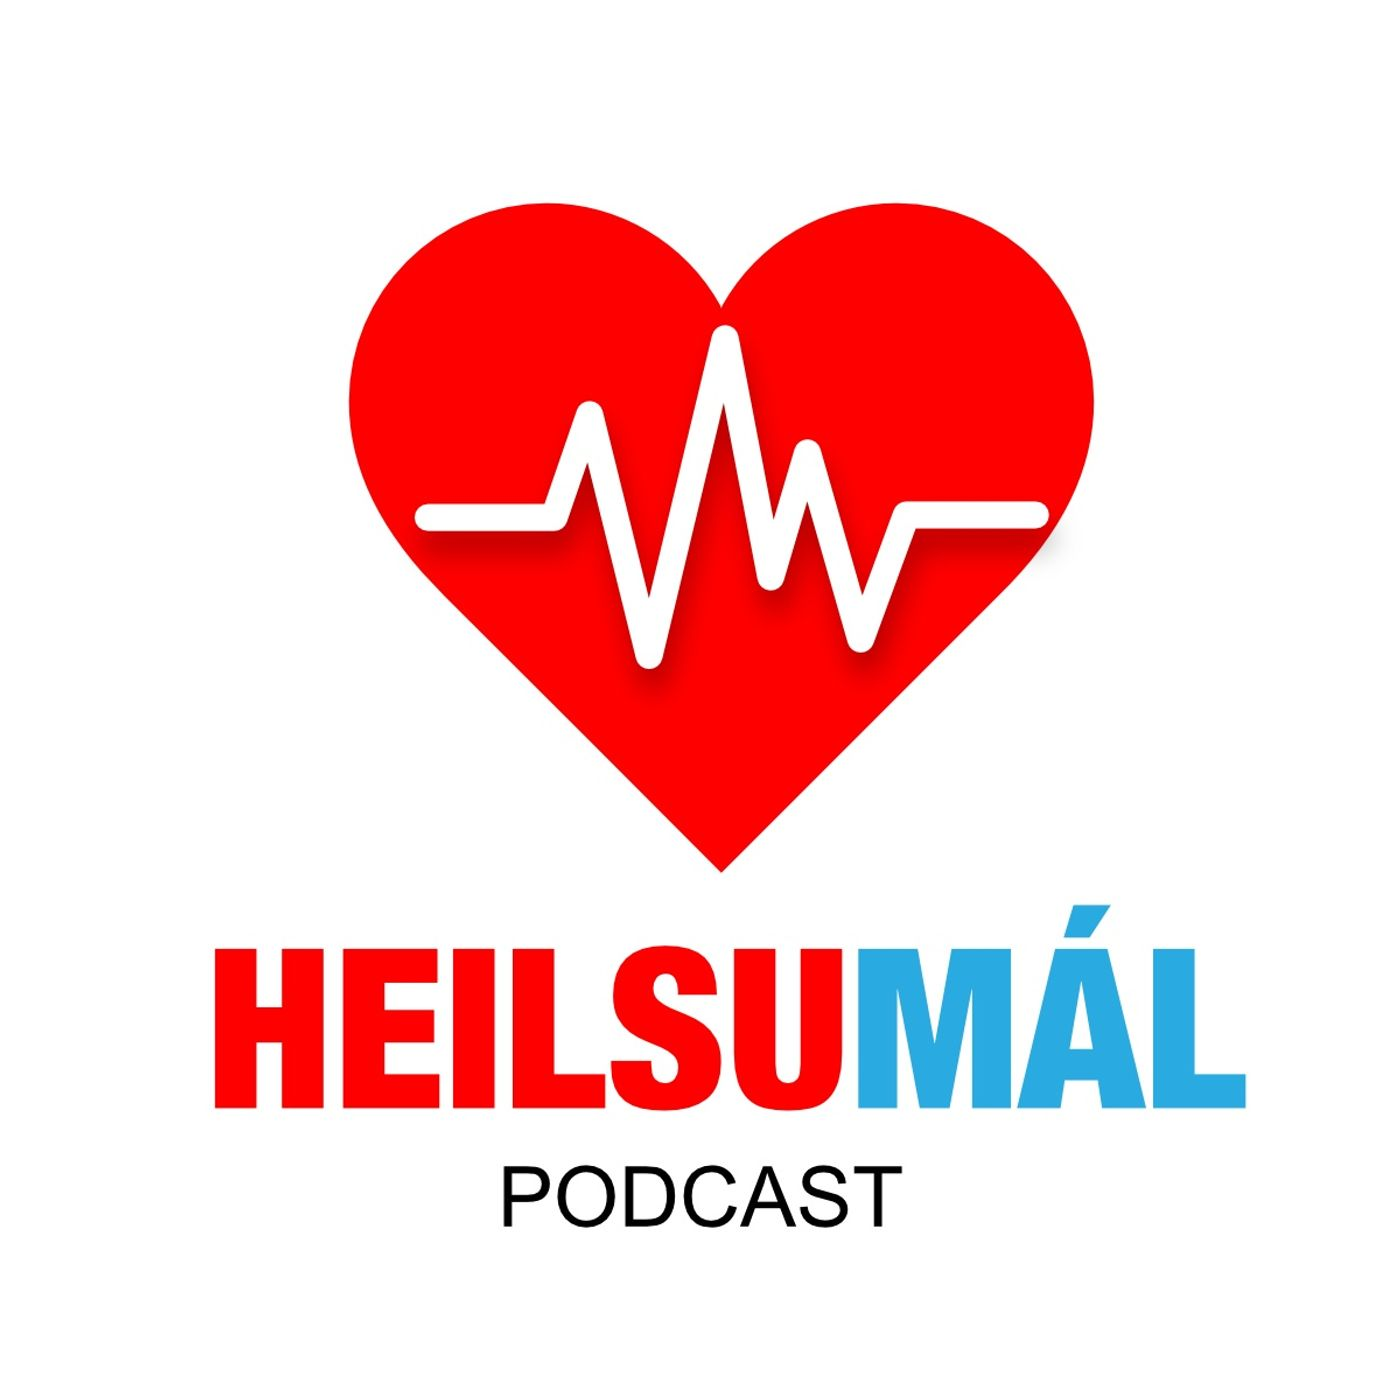 Heilsumál 17 - Þorum að leita hjálpar - Gummi Haff